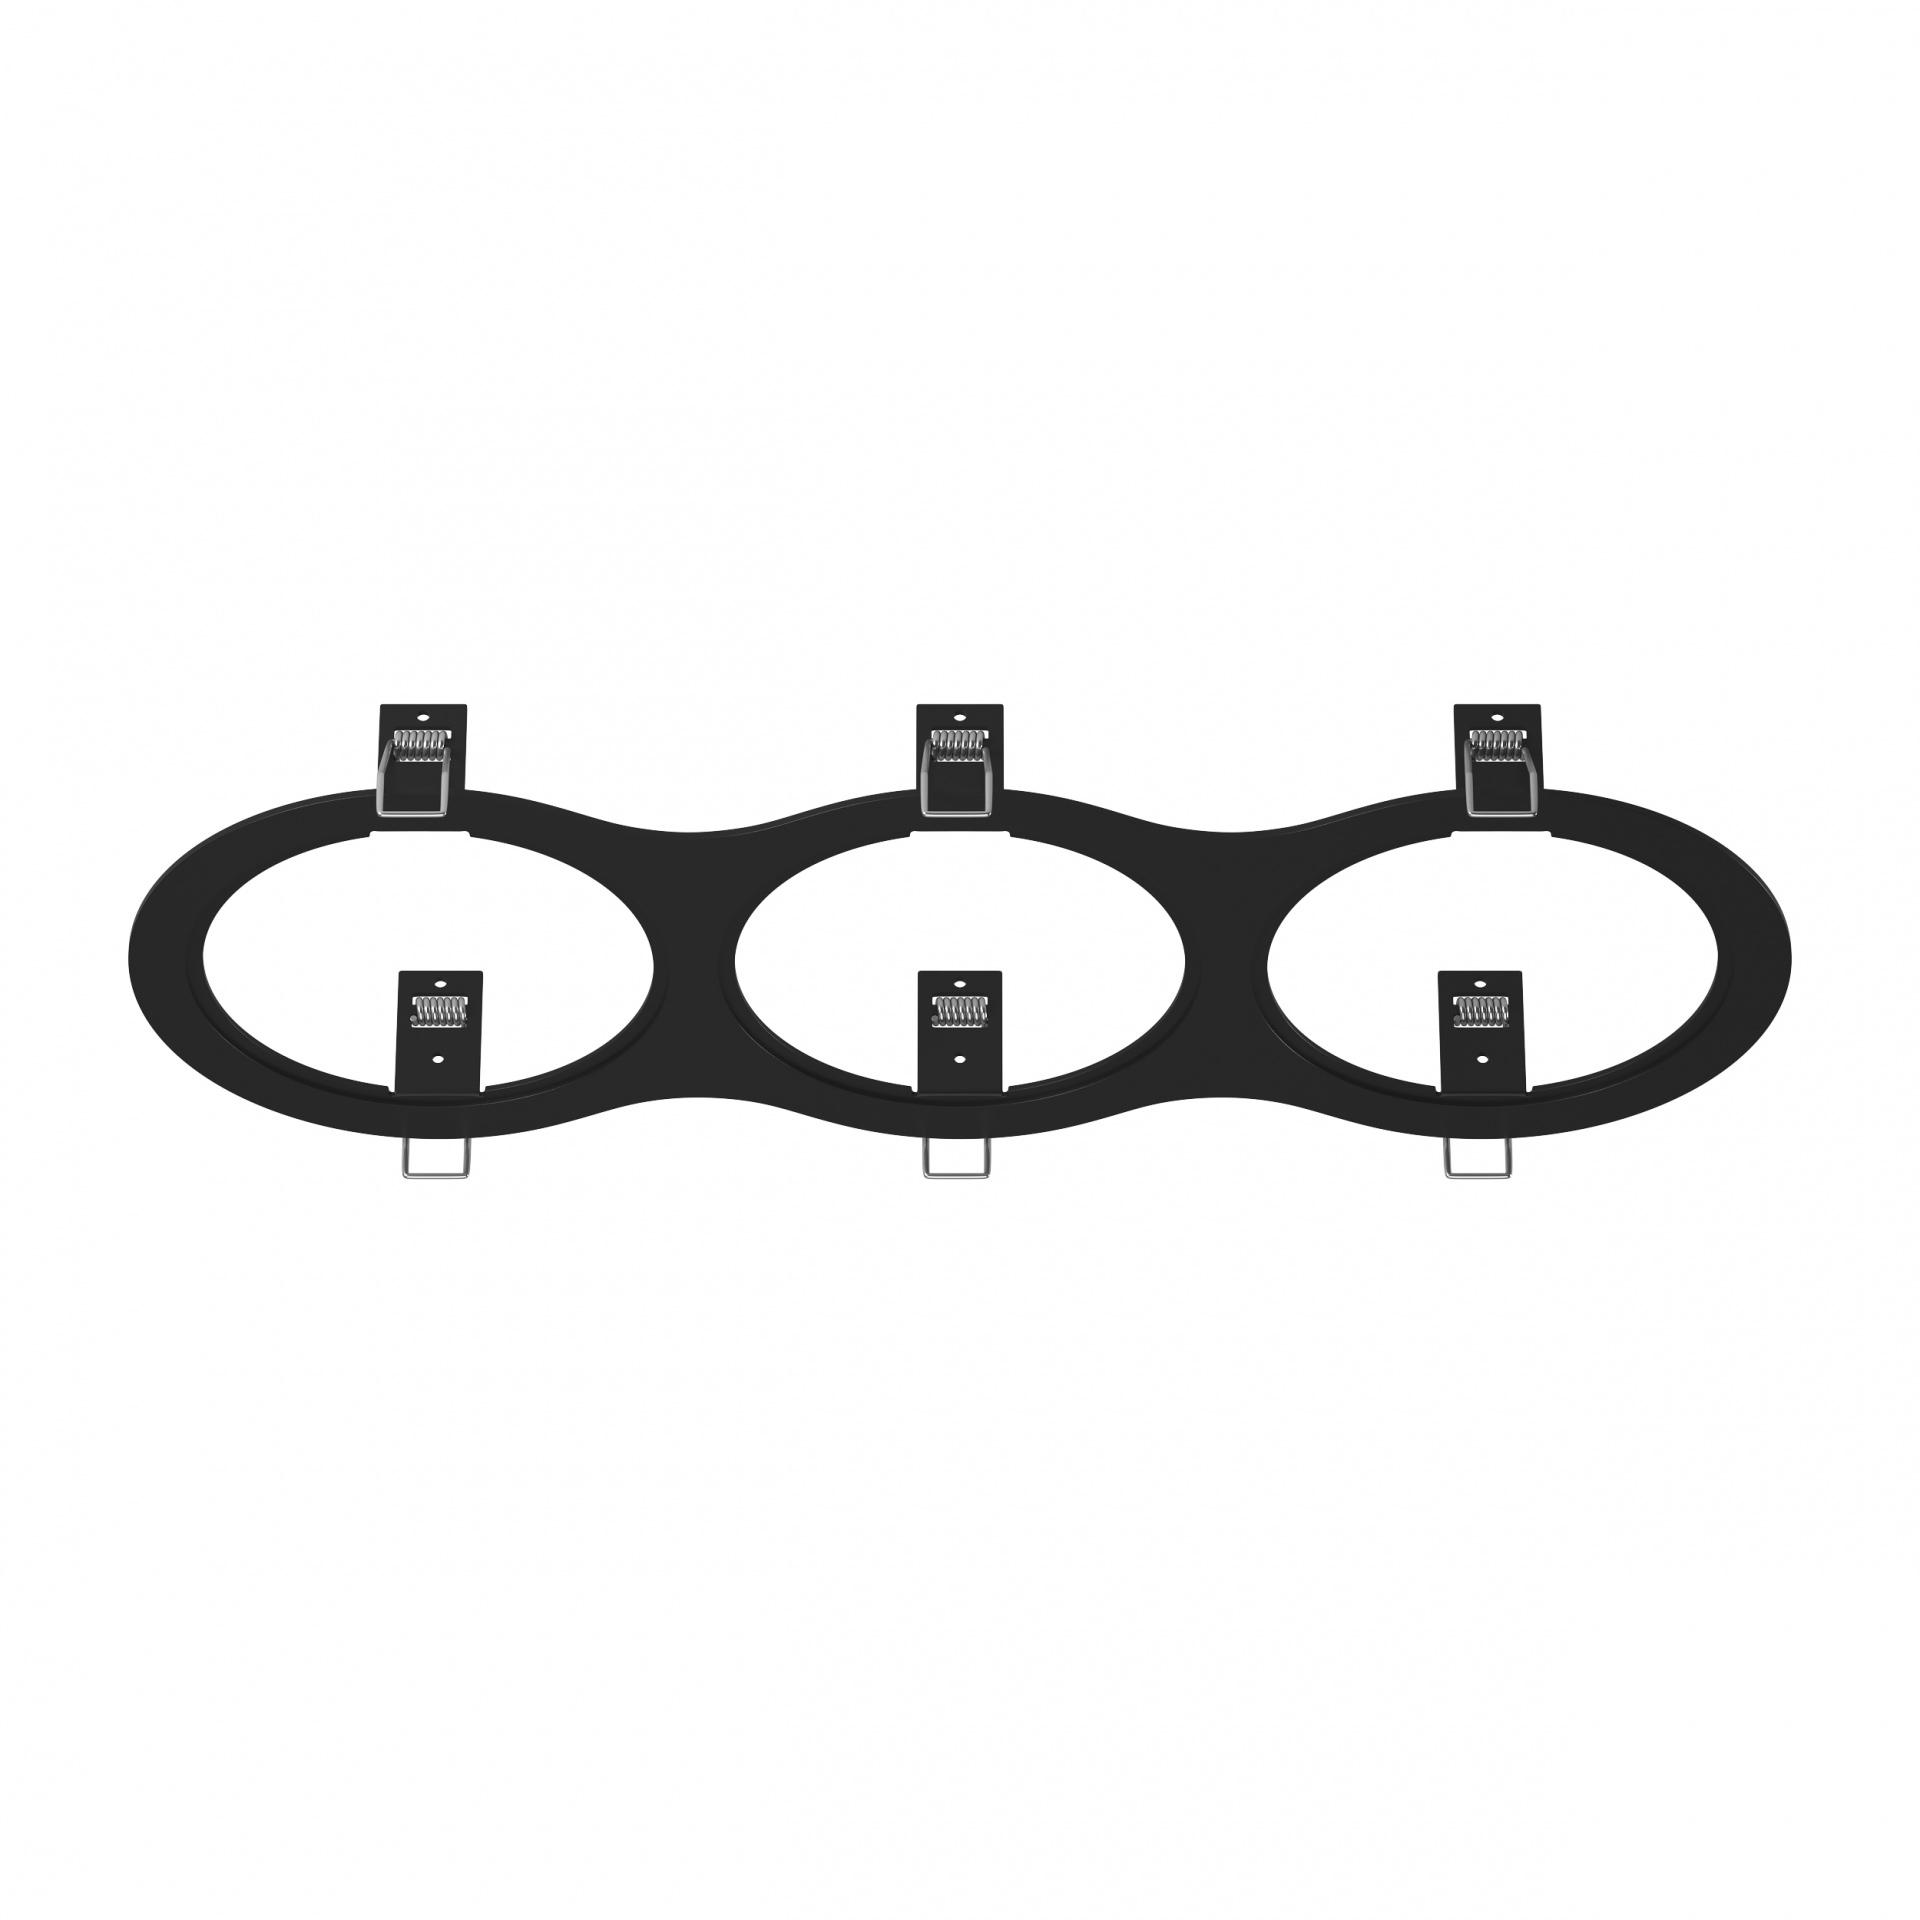 Рамка Intero 111 Triple ROUND черный Lightstar 217937, купить в СПб, Москве, с доставкой, Санкт-Петербург, интернет-магазин люстр и светильников Starlight, фото в жизни